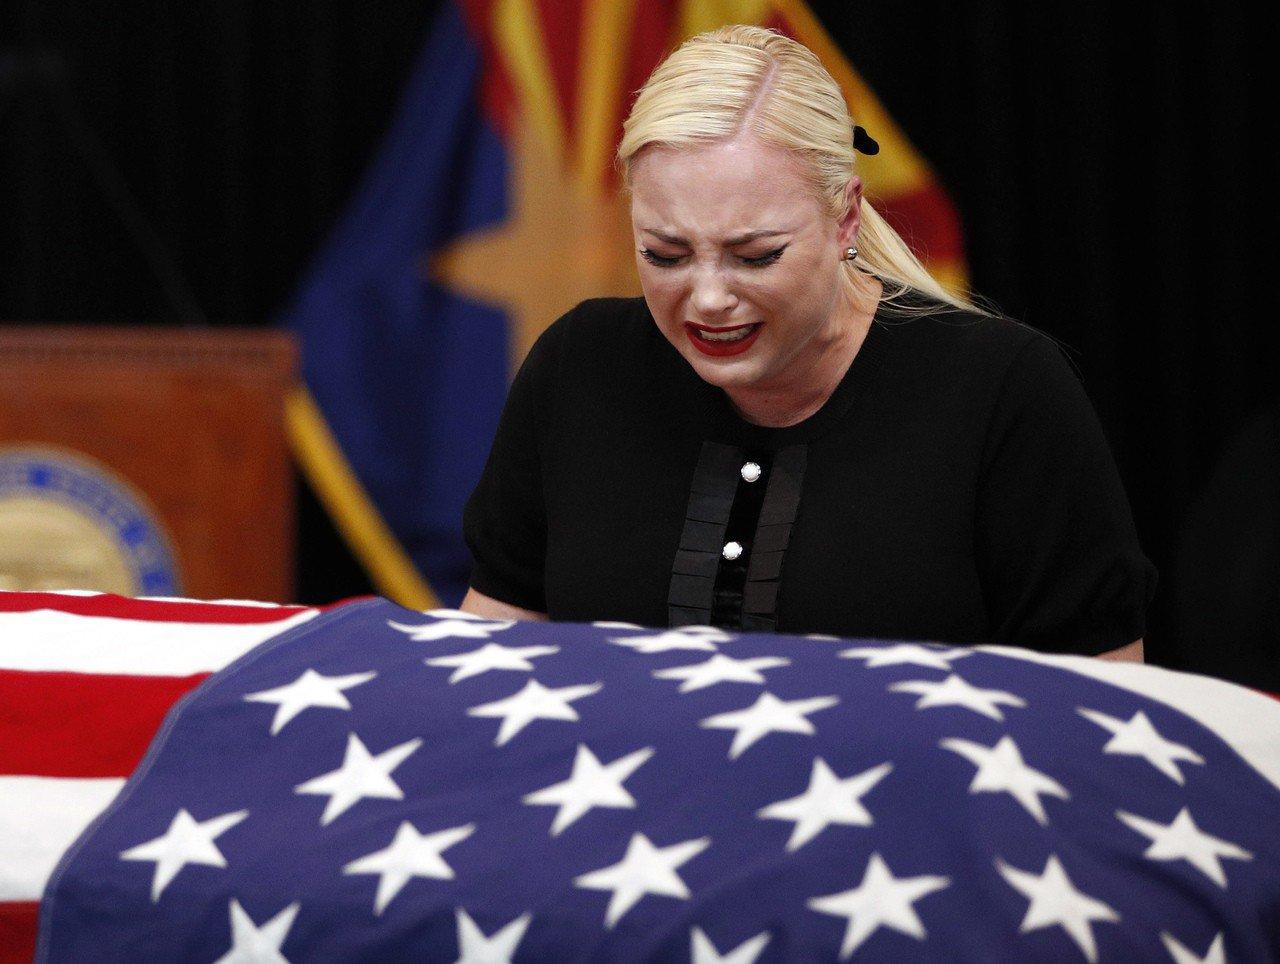 馬侃的女兒梅根29日在告別式上撫棺痛哭。美聯